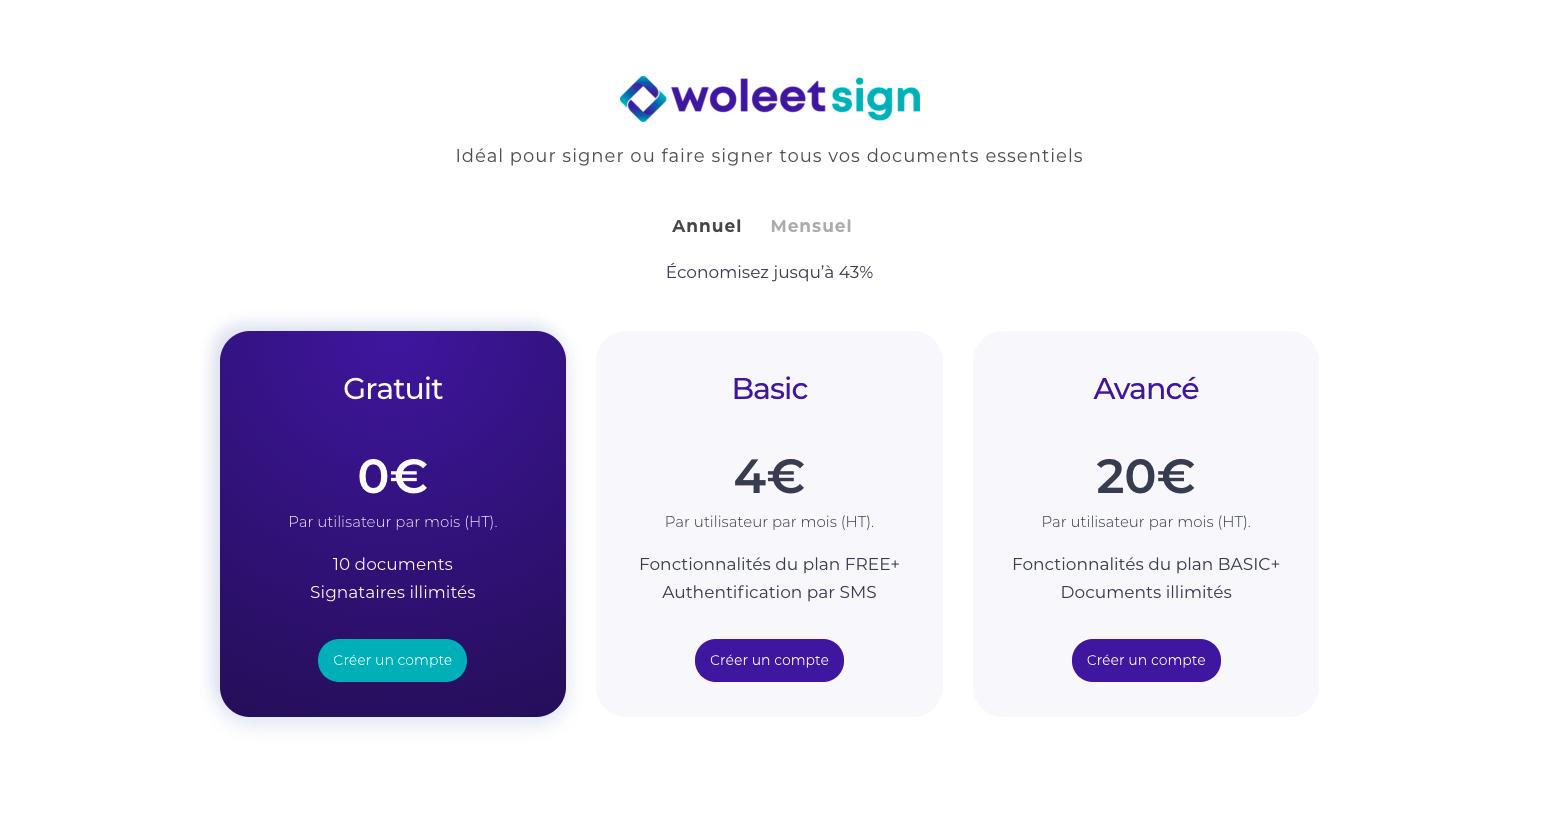 Prix des abonnements de Woleet Sign - Abonnement Gratuit avec 10 signatures - Abonnement Basic à 4 euros par mois avec signatures illimités et signature par SMS. Abonnement avancé à 20 euros par mois avec signatures illimités et signature par SMS illimités.